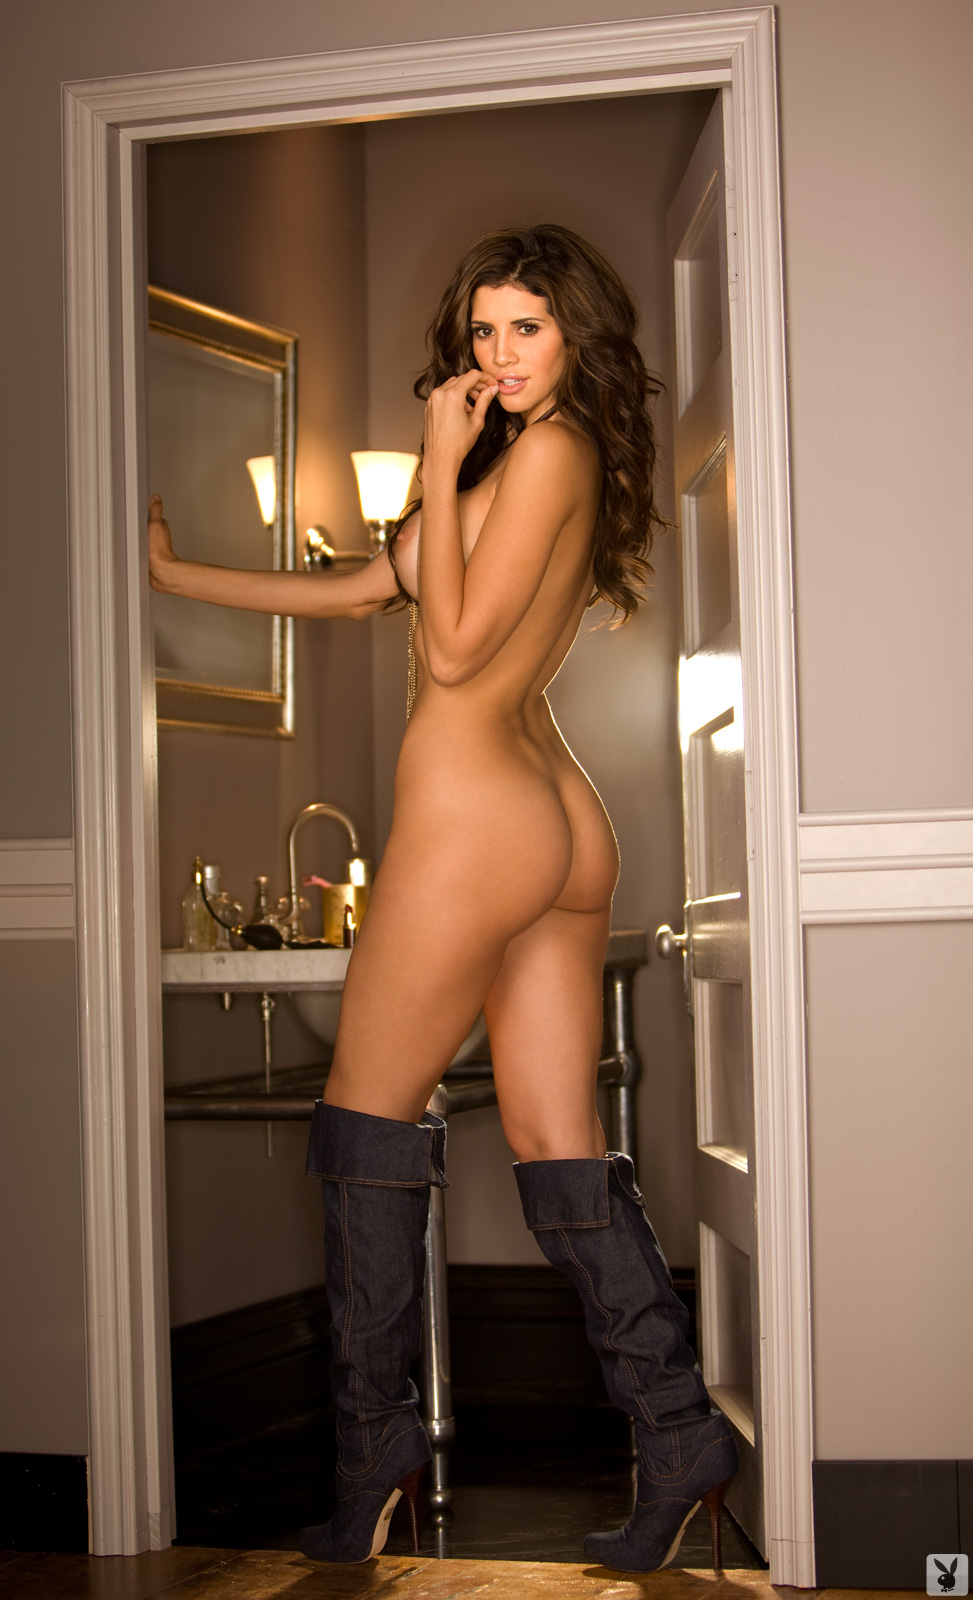 sexy top celebrity photos hope dworaczyk nude